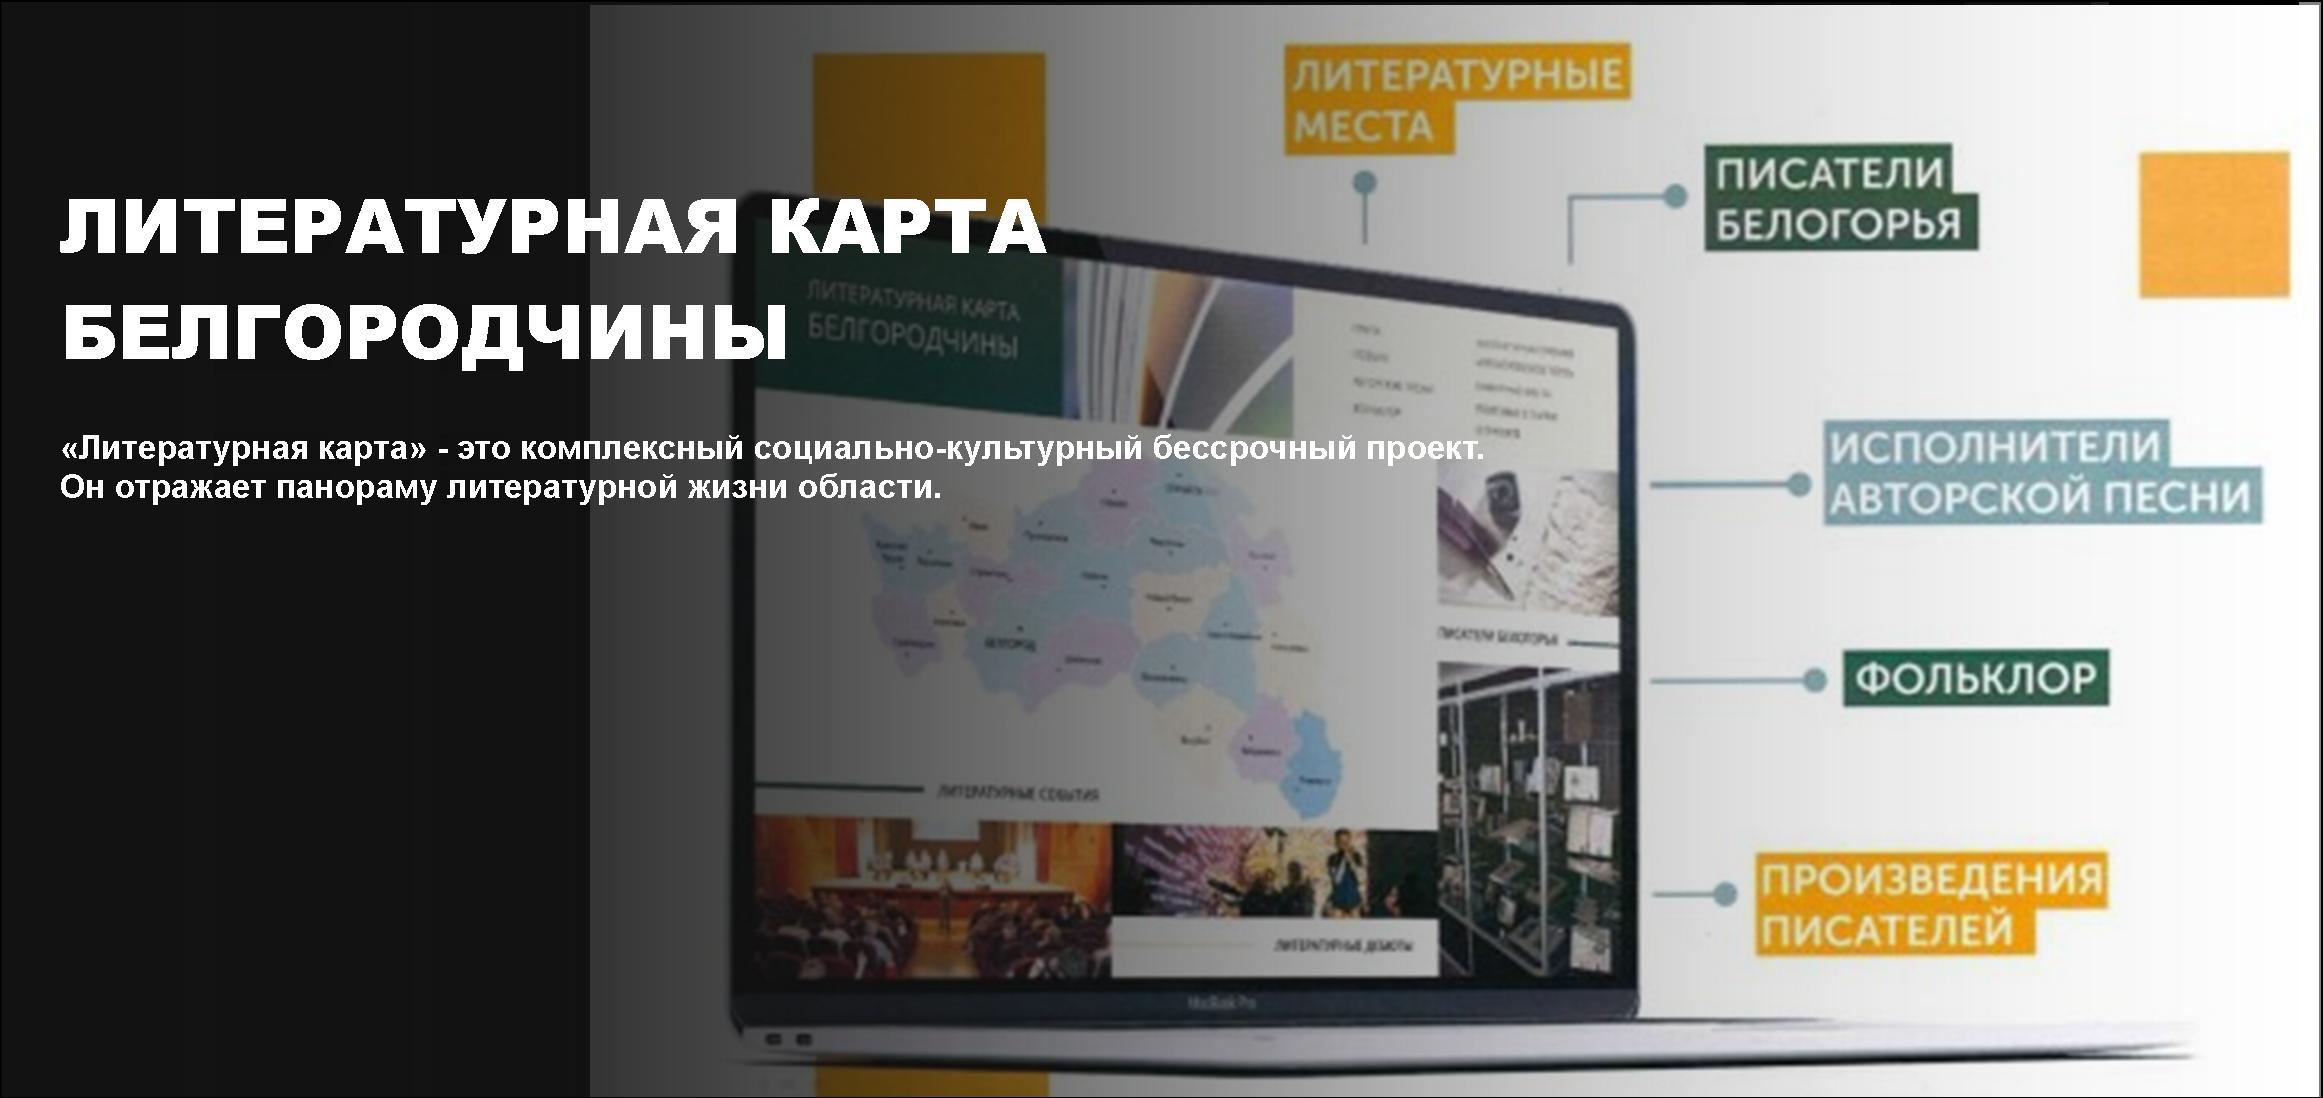 Литературная карта Белгородчины